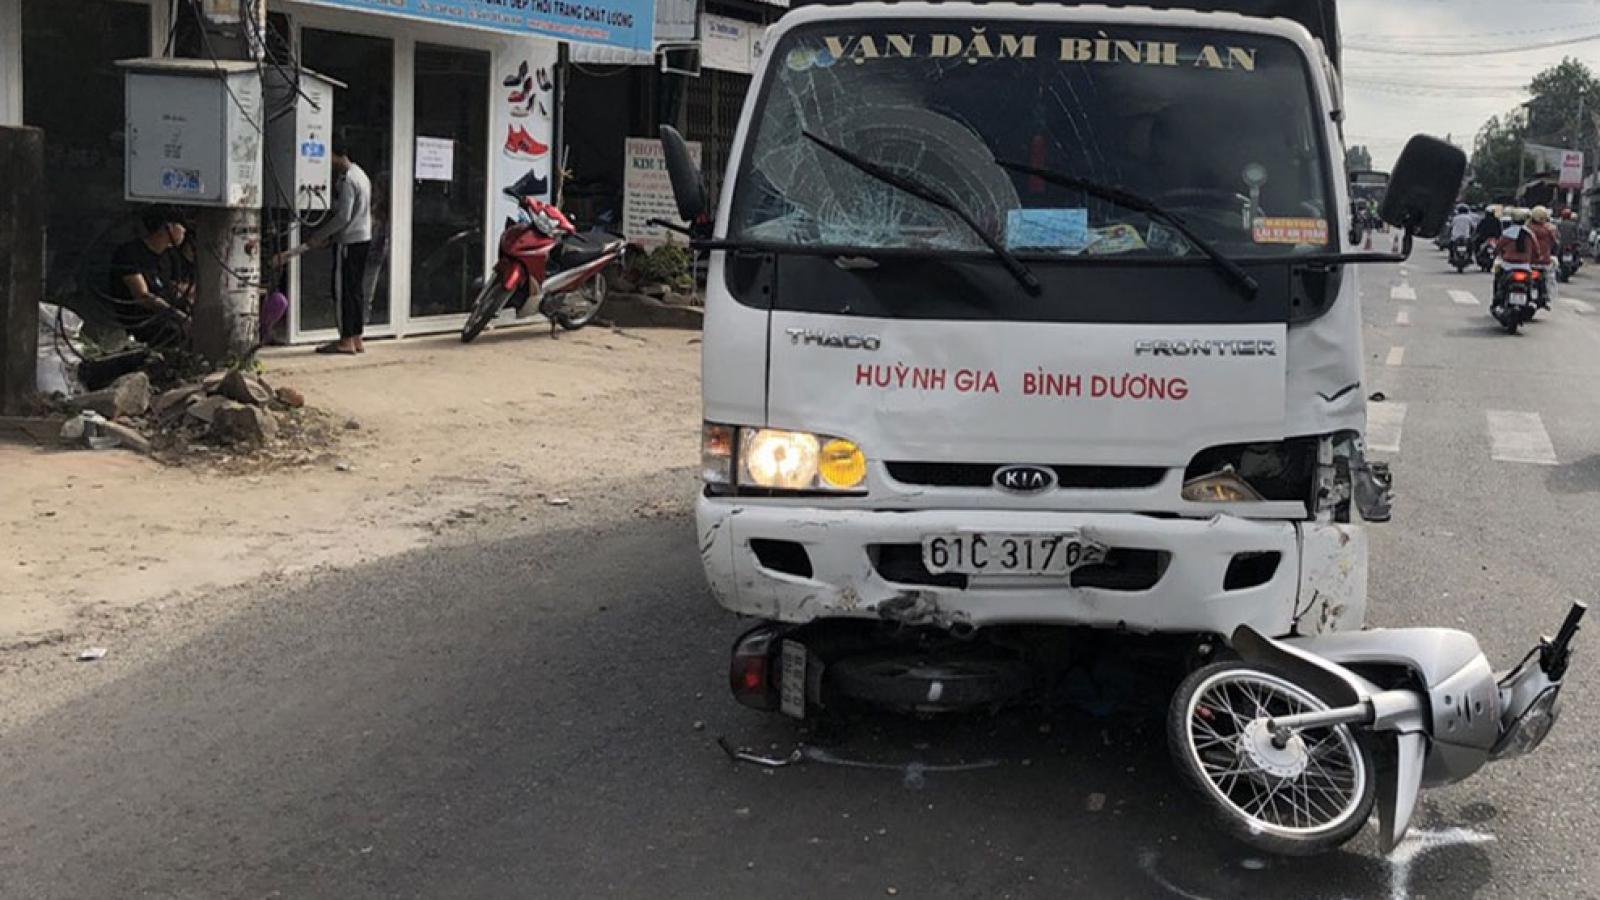 Xe tải mất lái đâm vàohọc sinh tới trường, 6 người bị thương